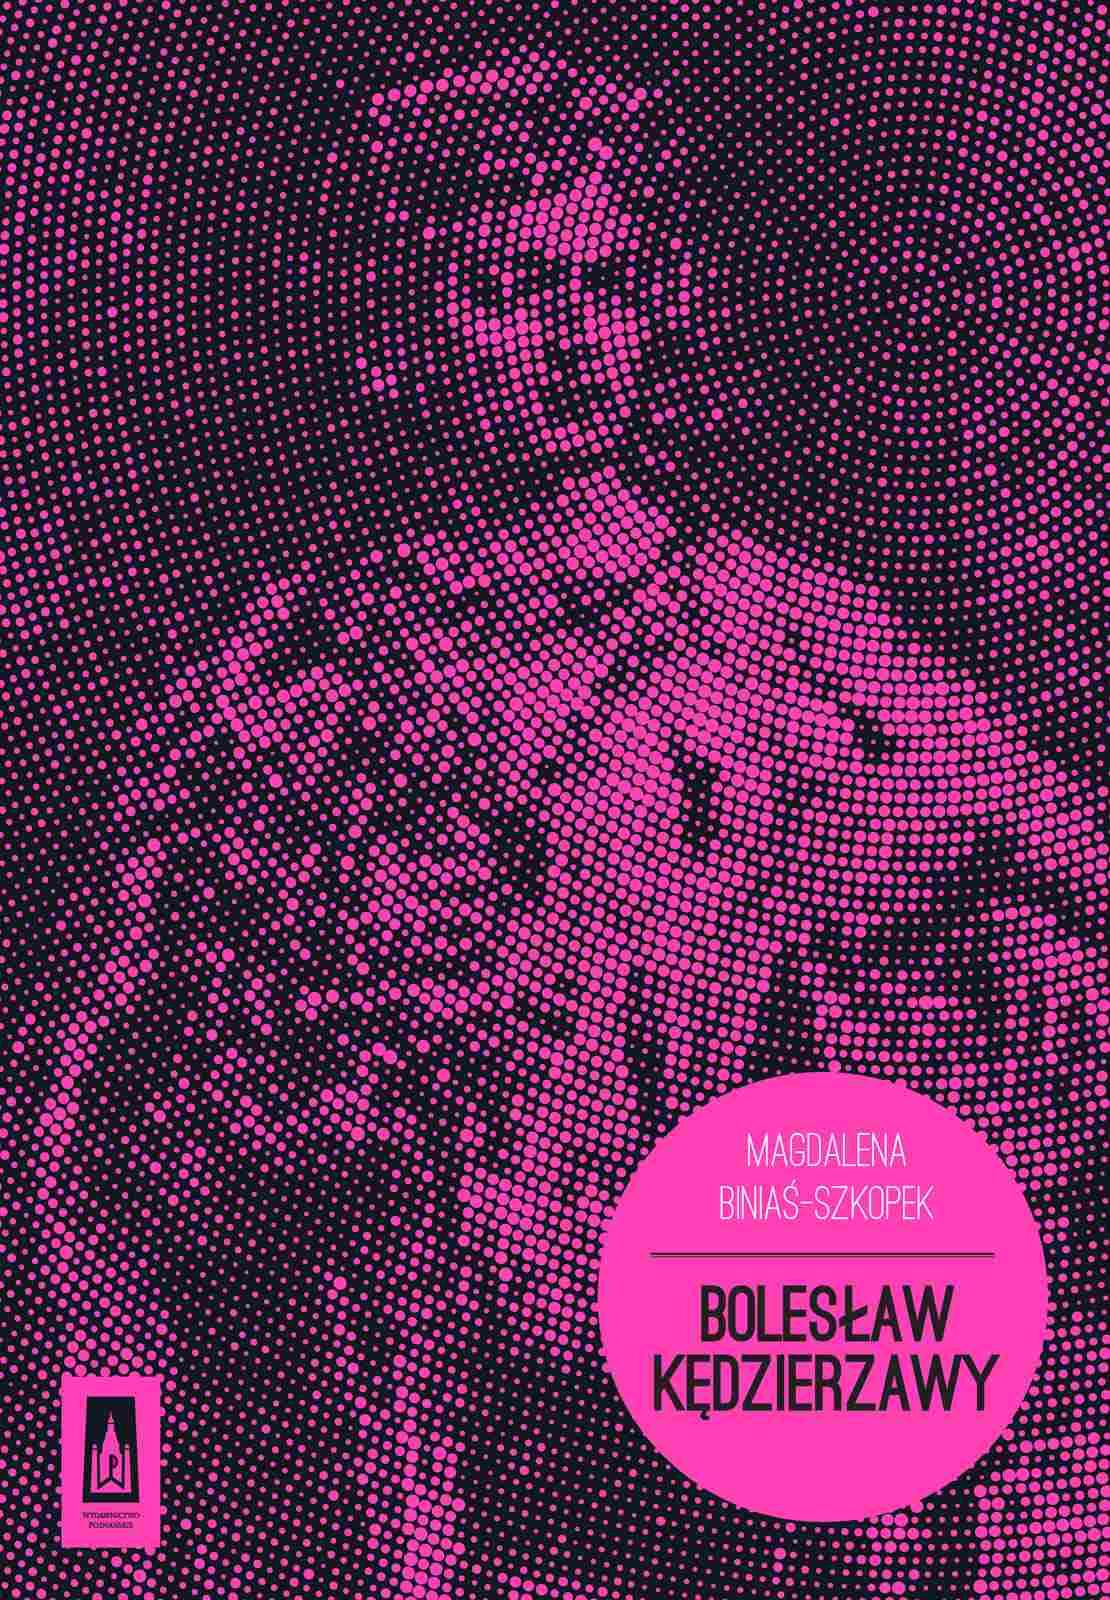 Bolesław Kędzierzawy - Ebook (Książka EPUB) do pobrania w formacie EPUB